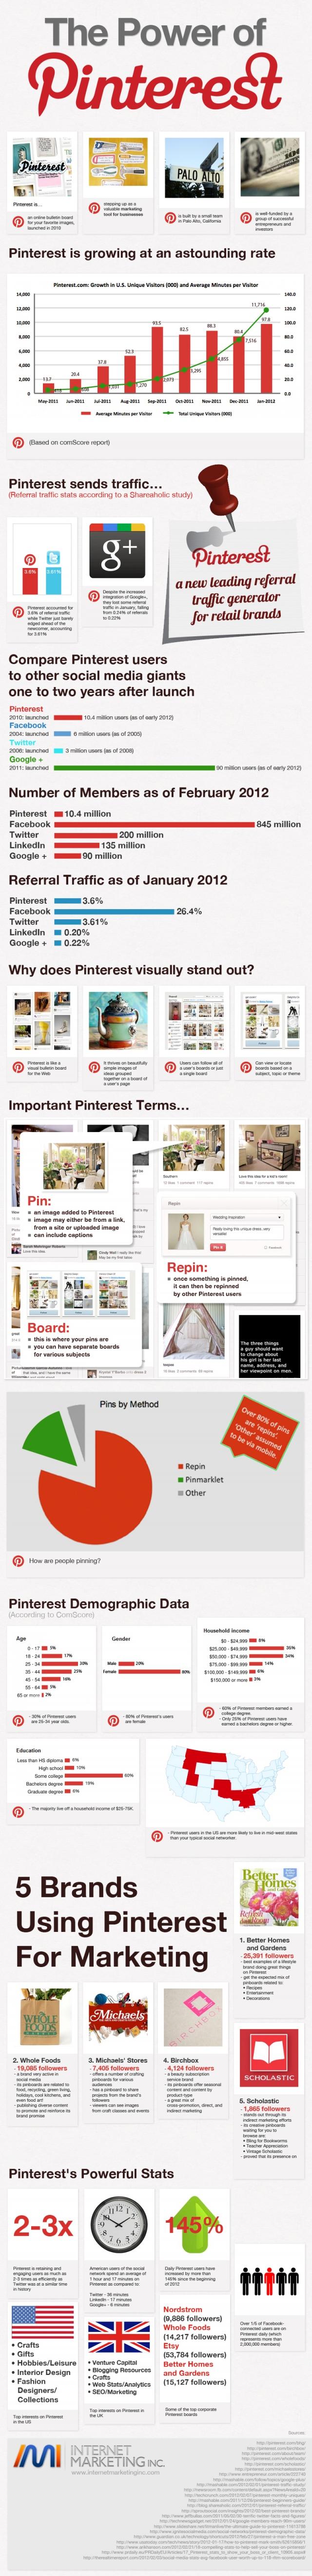 Pinterest infographic social media